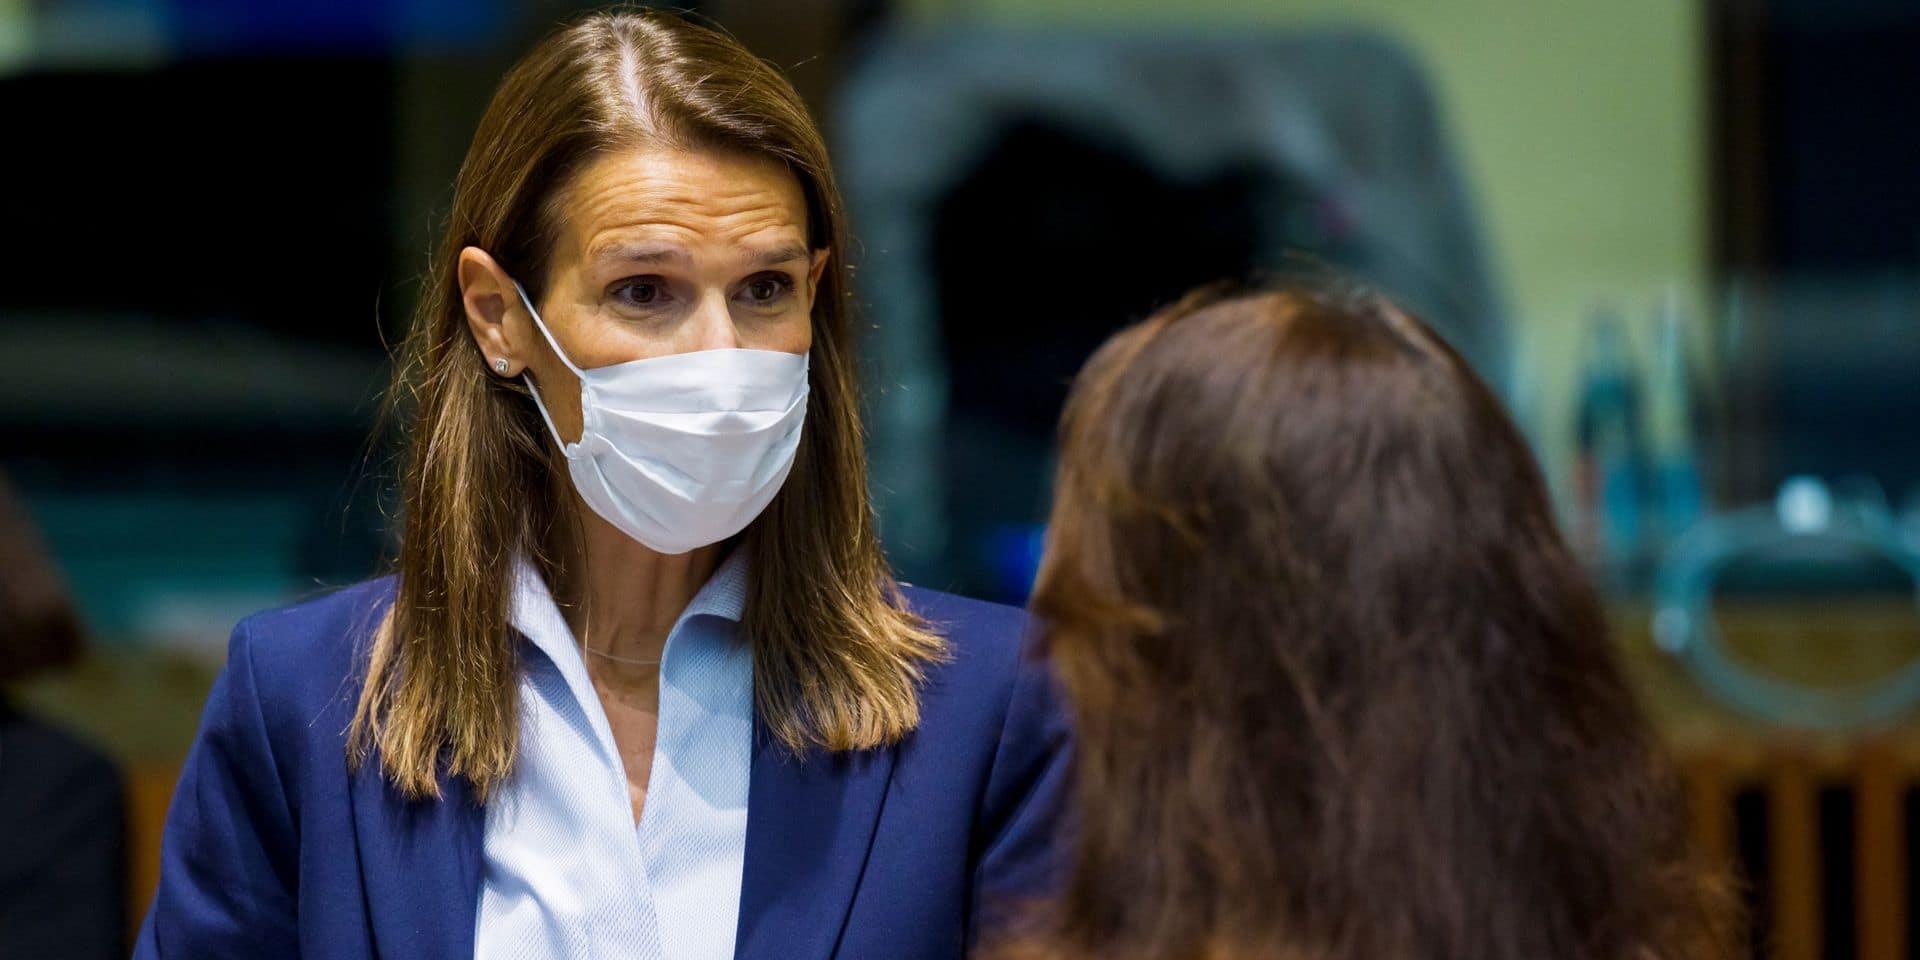 Le top de la diplomatie belge ne compte que 11% de femmes: Sophie Wilmès veut du changement